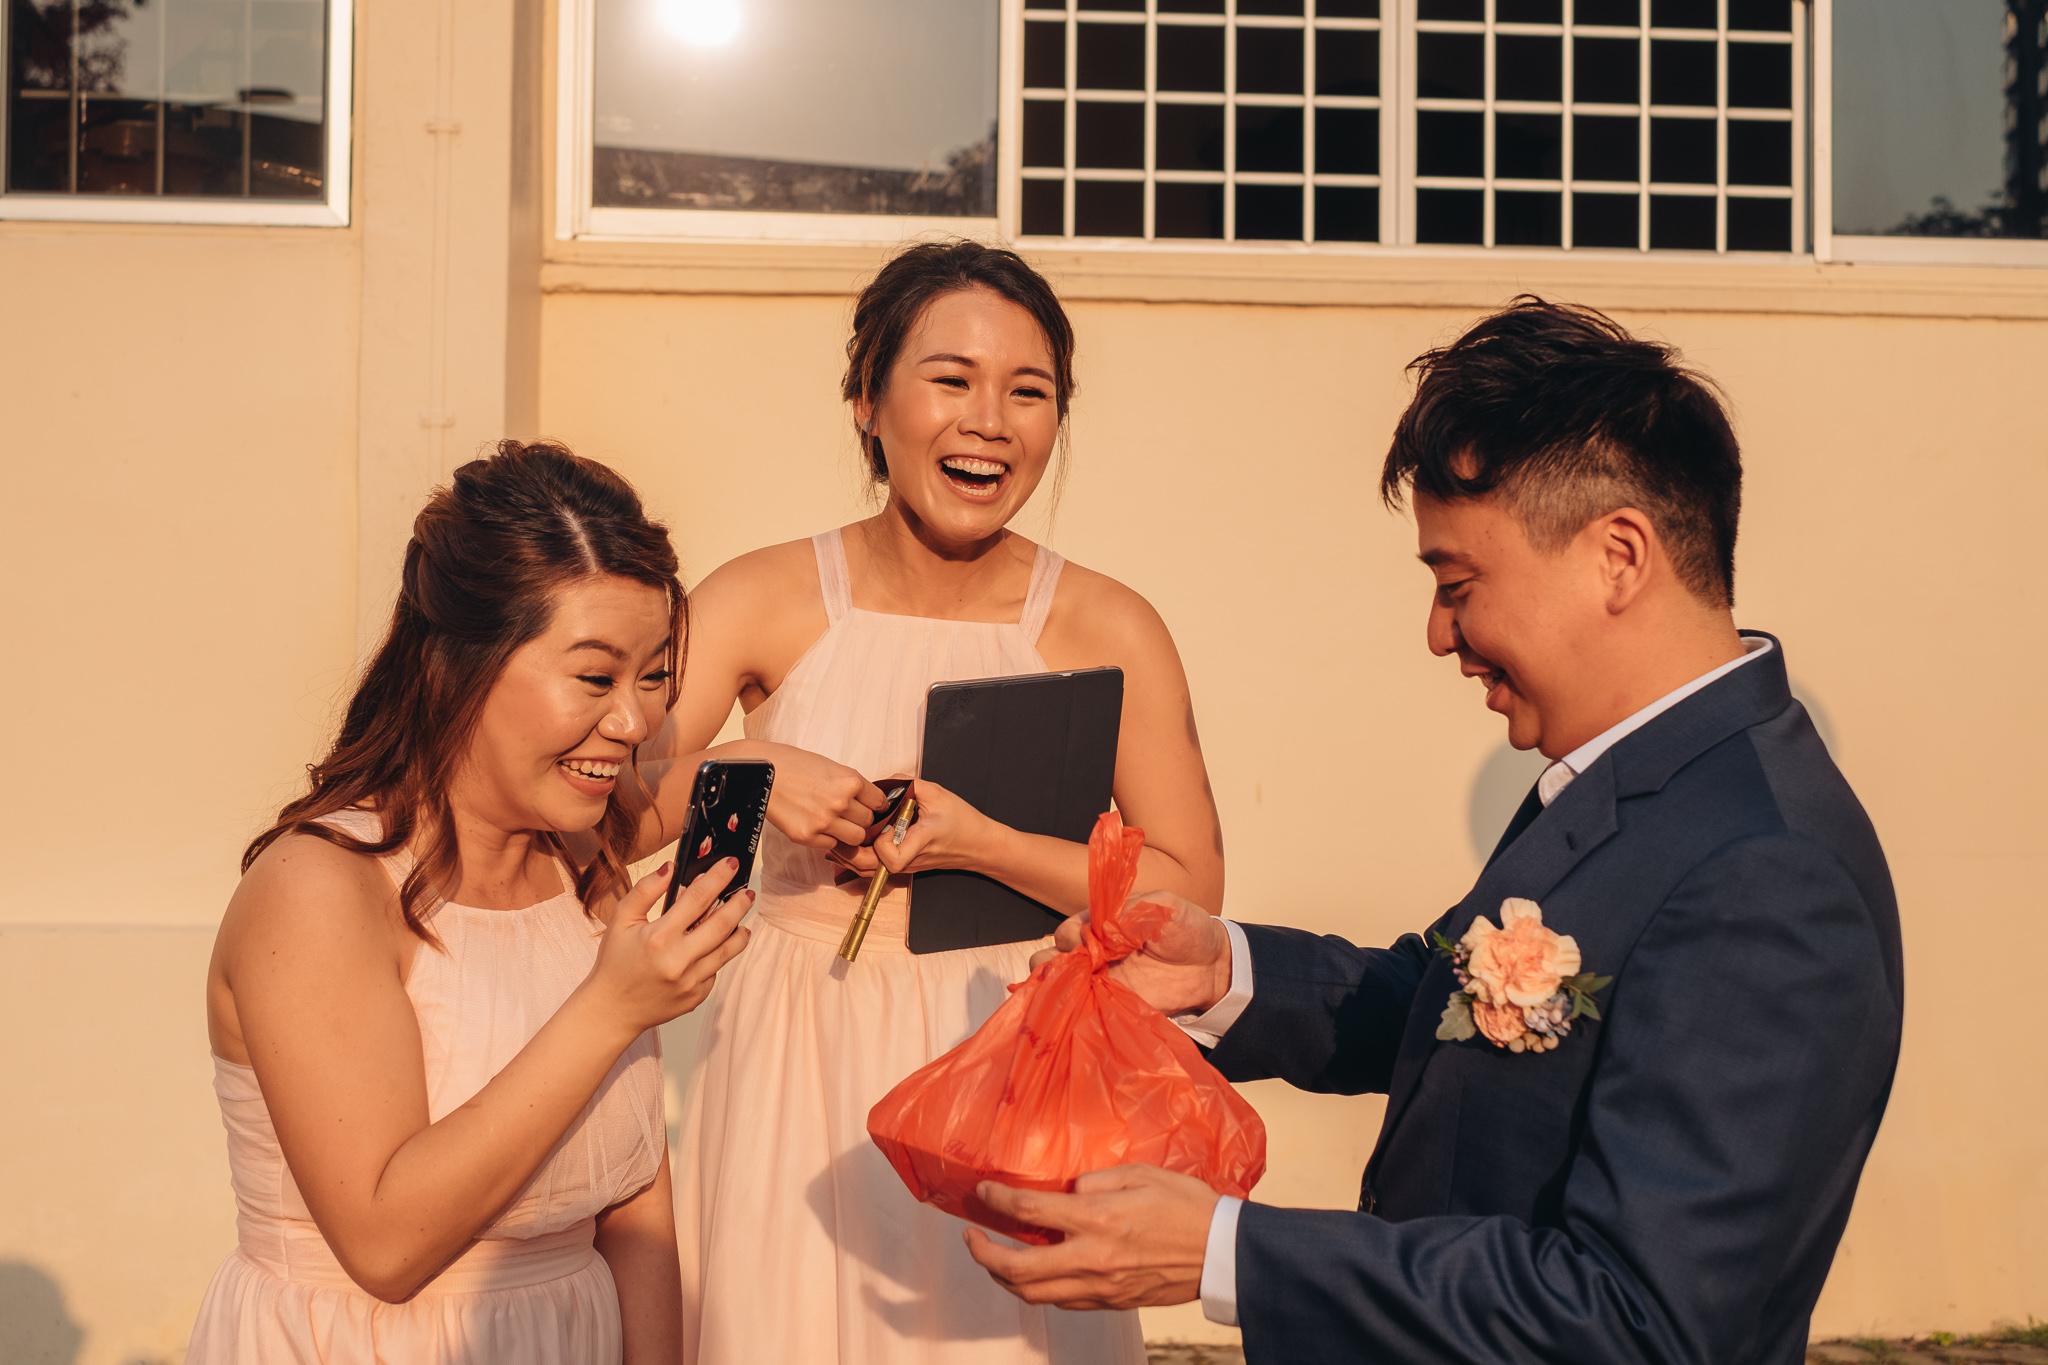 Jocelyn & Chris Wedding Day Highlights (resized for sharing) - 032.jpg